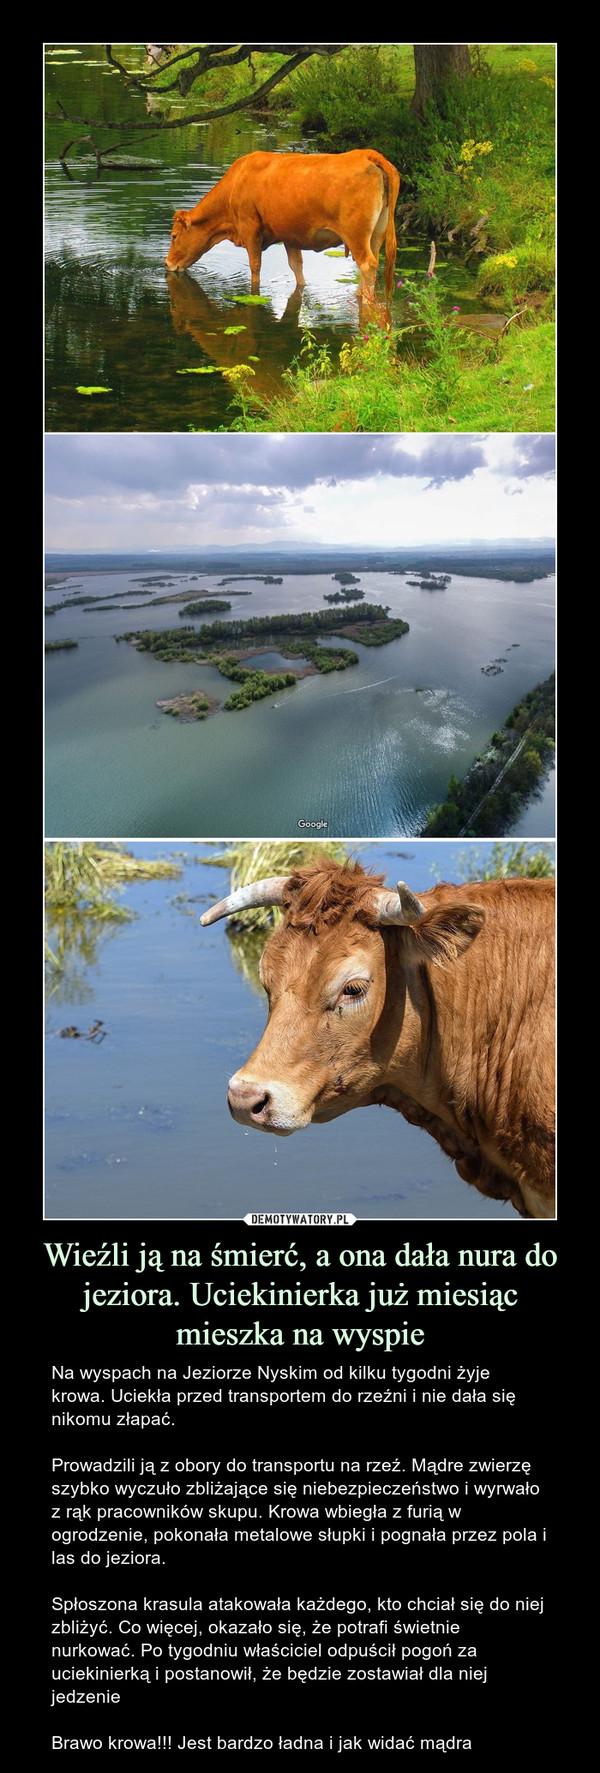 Wieźli ją na śmierć, a ona dała nura do jeziora. Uciekinierka już miesiąc mieszka na wyspie – Na wyspach na Jeziorze Nyskim od kilku tygodni żyje krowa. Uciekła przed transportem do rzeźni i nie dała się nikomu złapać.Prowadzili ją z obory do transportu na rzeź. Mądre zwierzę szybko wyczuło zbliżające się niebezpieczeństwo i wyrwało z rąk pracowników skupu. Krowa wbiegła z furią w ogrodzenie, pokonała metalowe słupki i pognała przez pola i las do jeziora.Spłoszona krasula atakowała każdego, kto chciał się do niej zbliżyć. Co więcej, okazało się, że potrafi świetnie nurkować. Po tygodniu właściciel odpuścił pogoń za uciekinierką i postanowił, że będzie zostawiał dla niej jedzenieBrawo krowa!!! Jest bardzo ładna i jak widać mądra